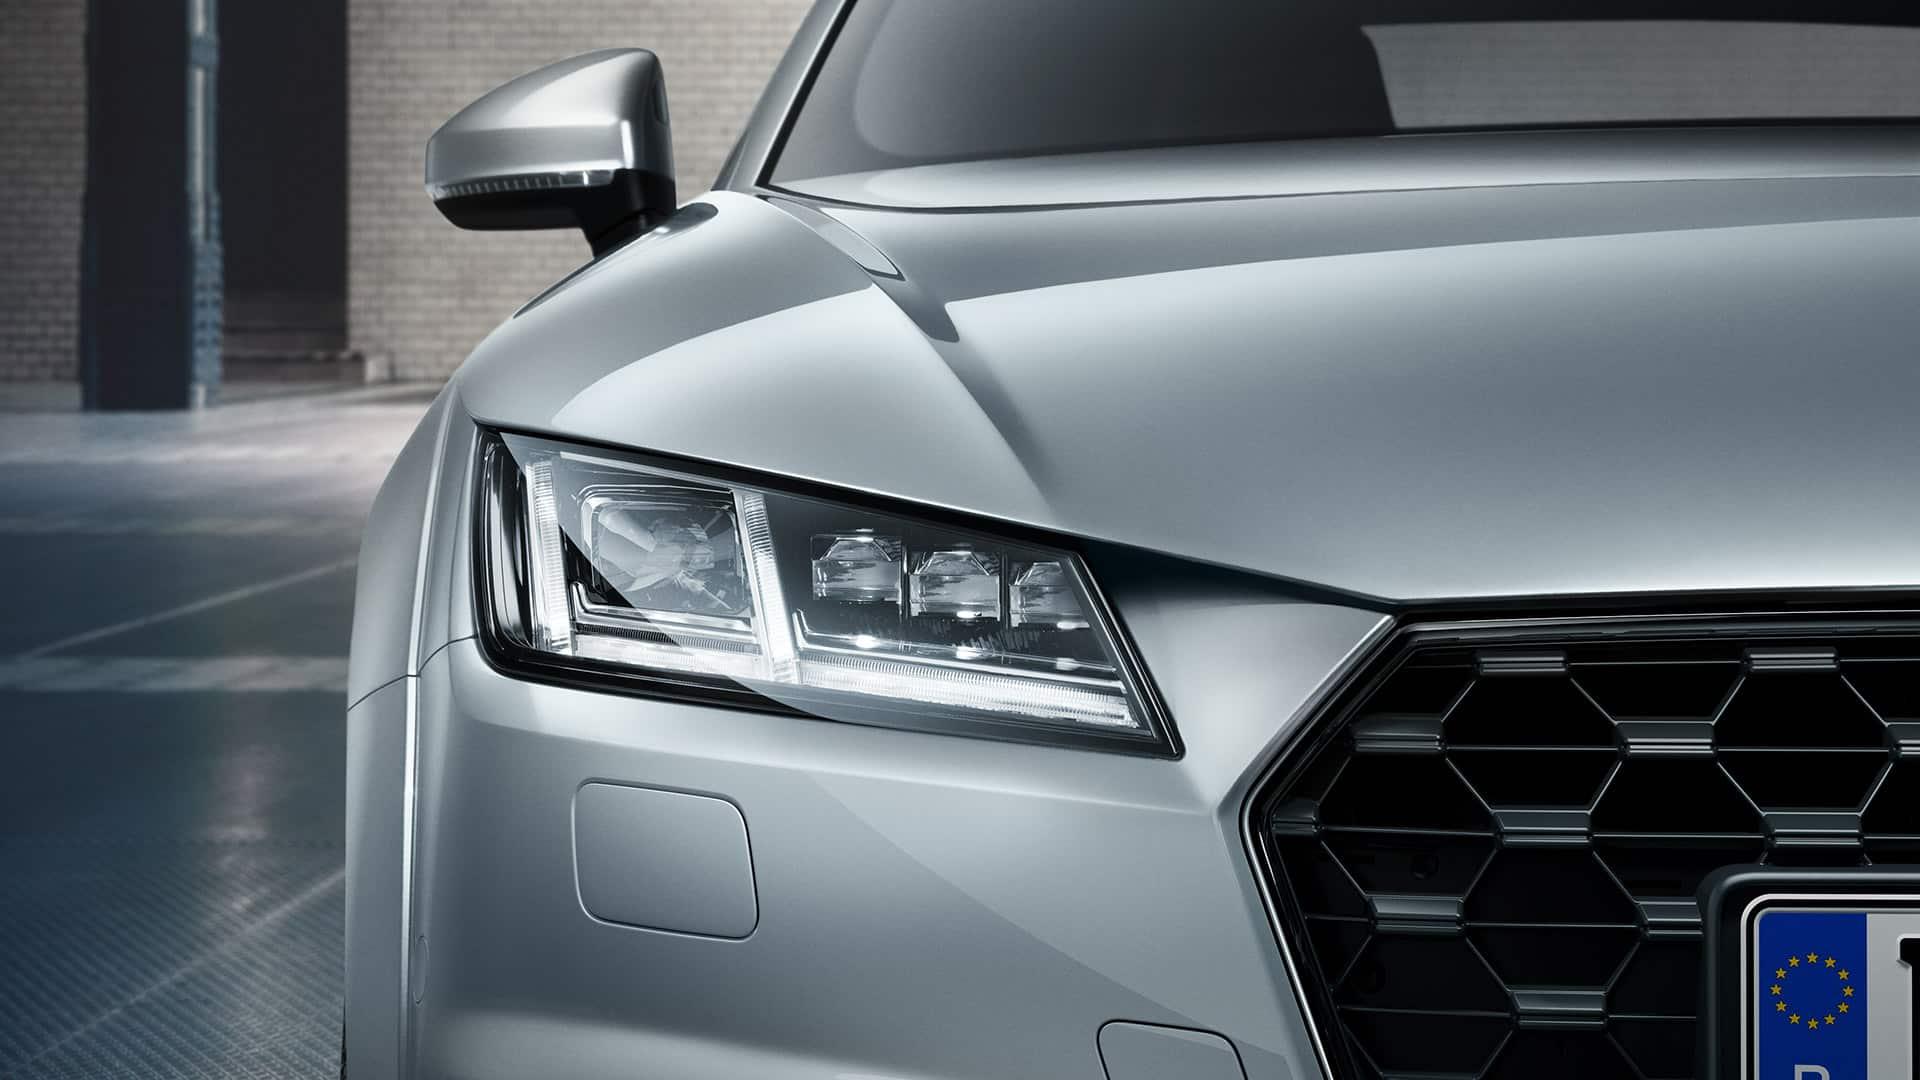 TT Coupé New Audi TT Models Audi SA Home Audi SA - Audi tt coupe